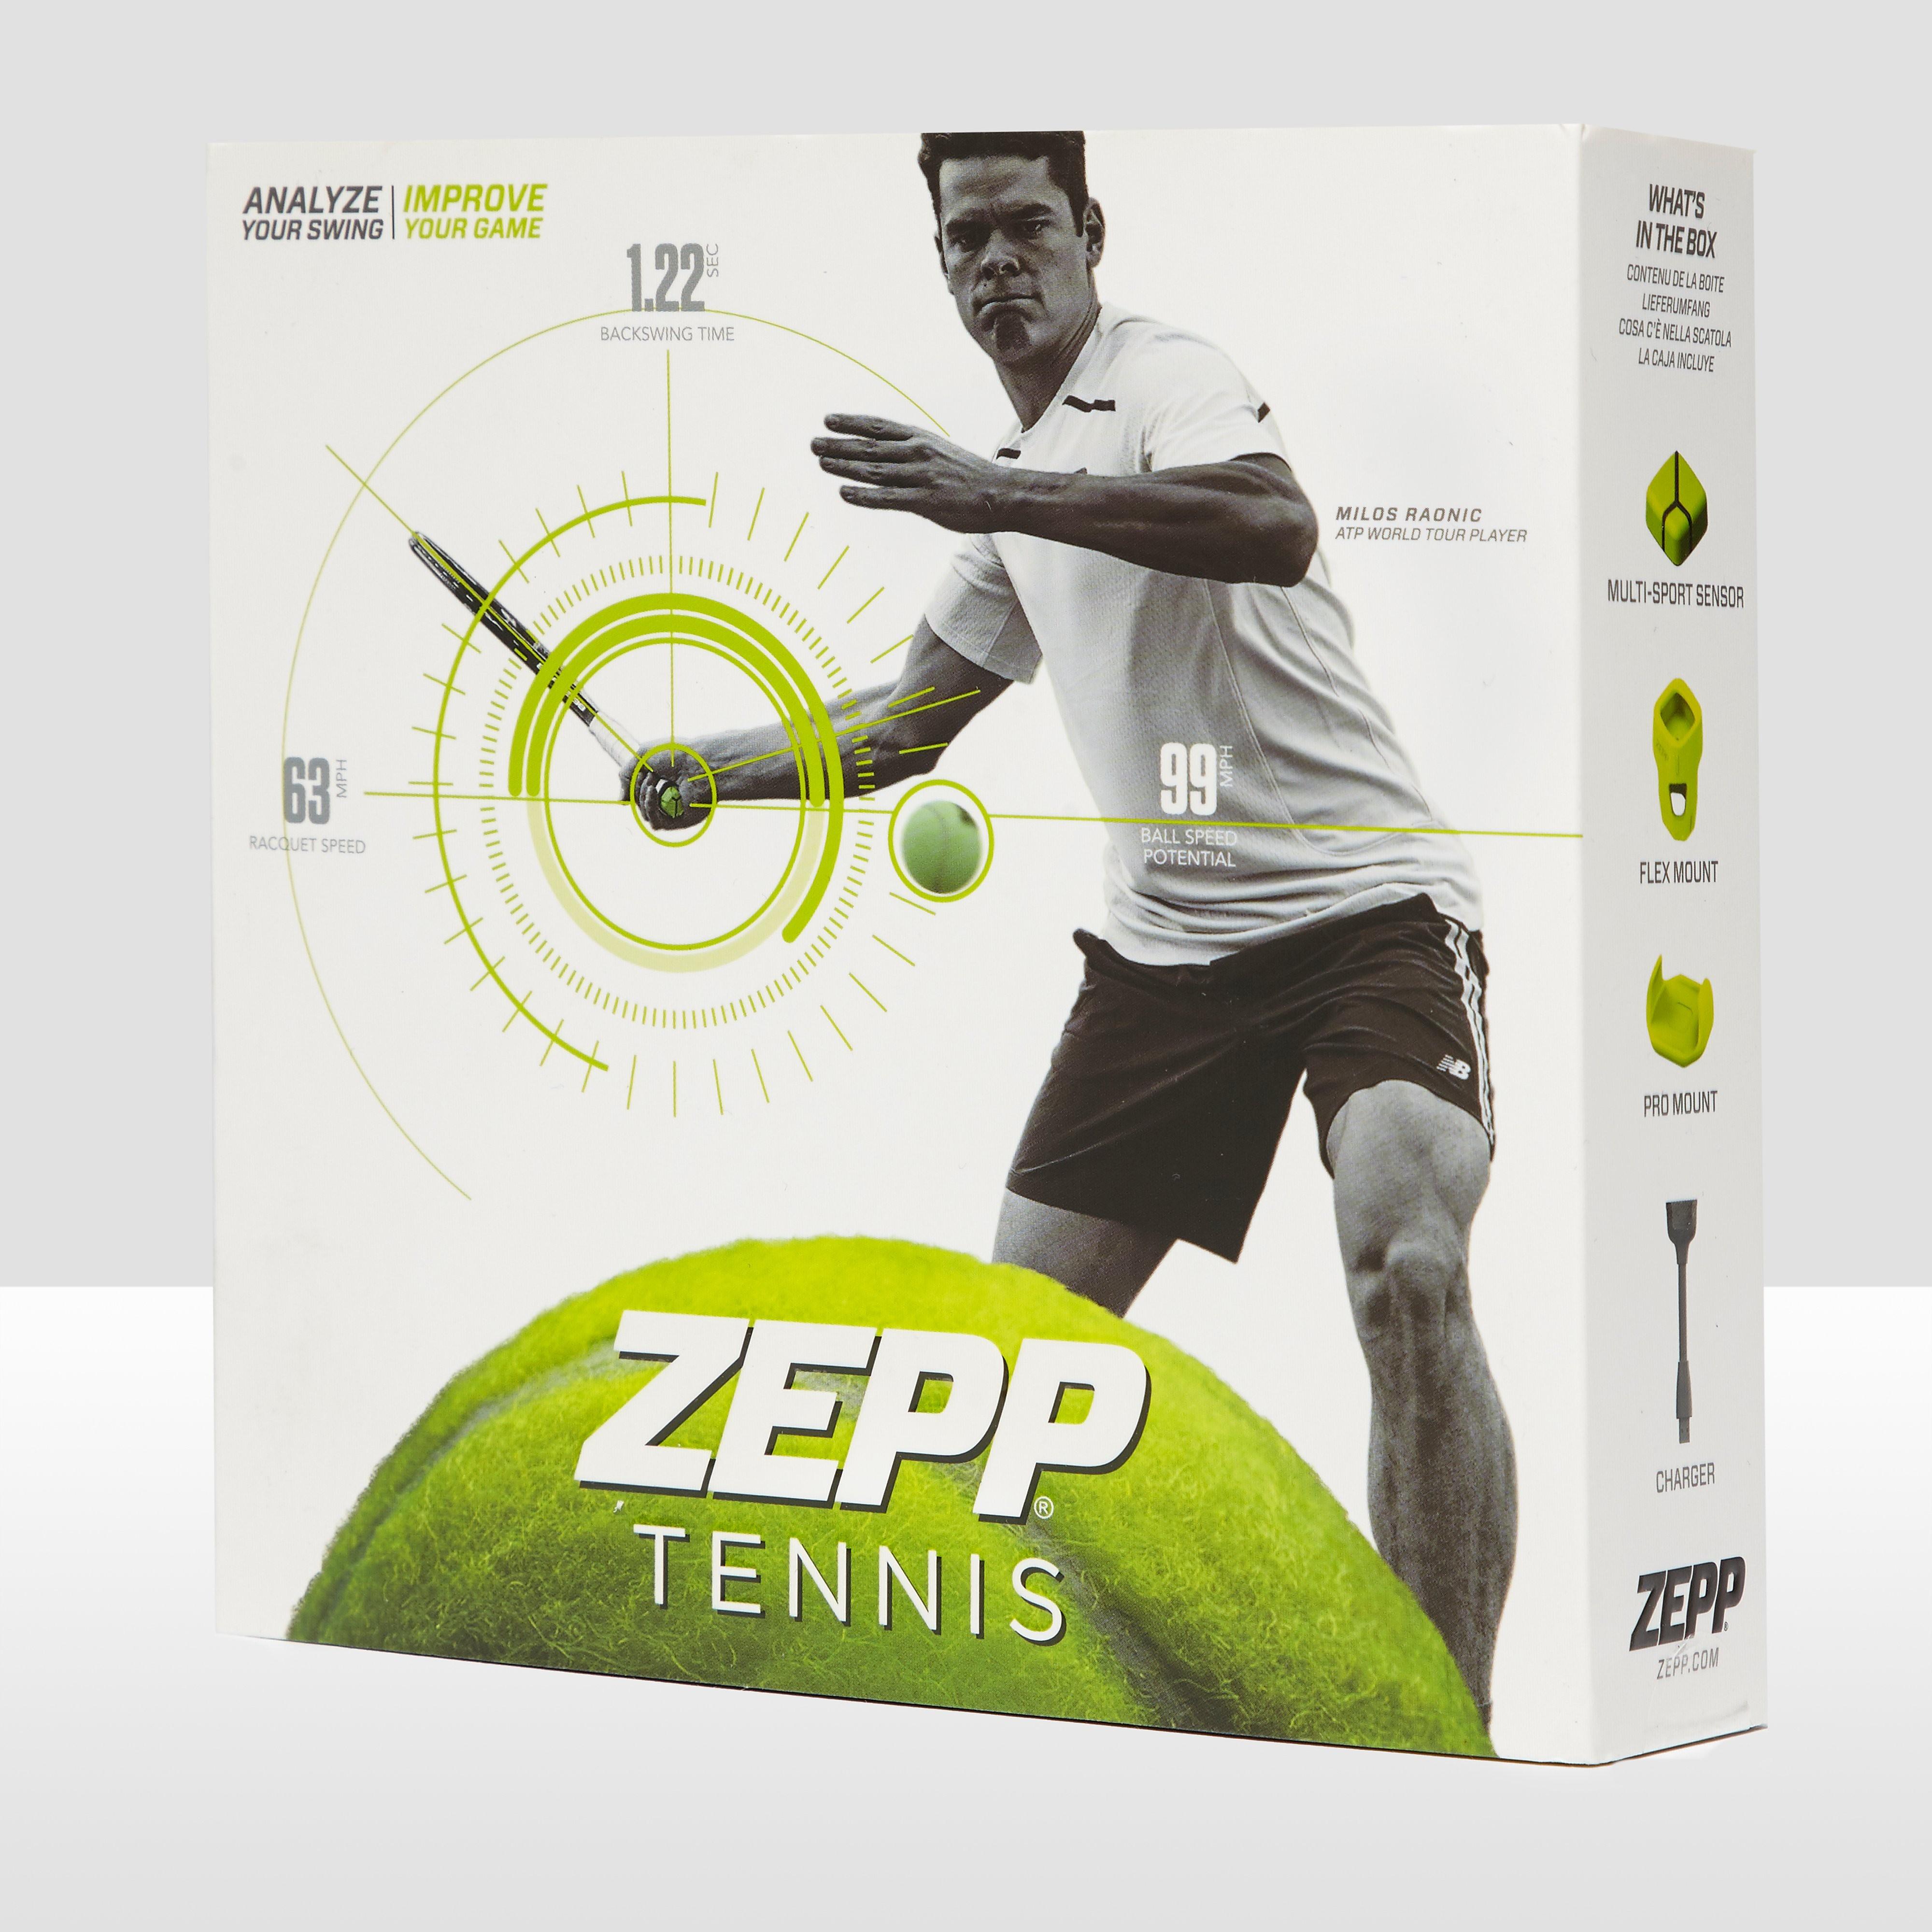 Zepp 3D Tennis Swing Sensor